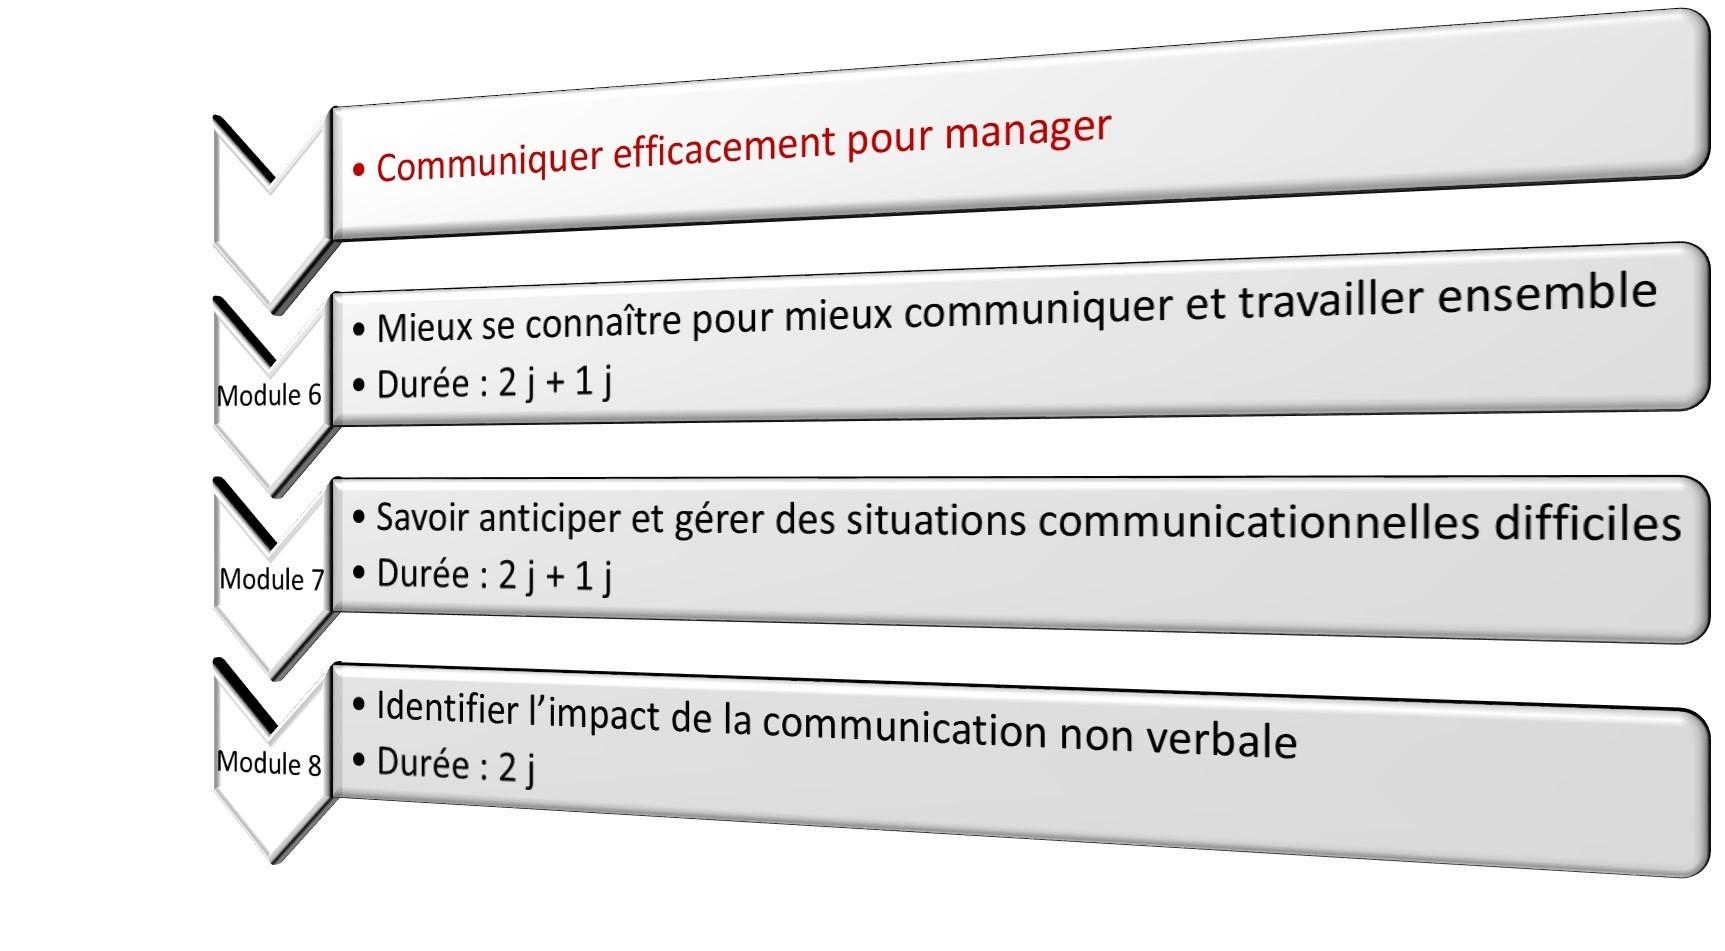 Communiquer efficacement pour manager